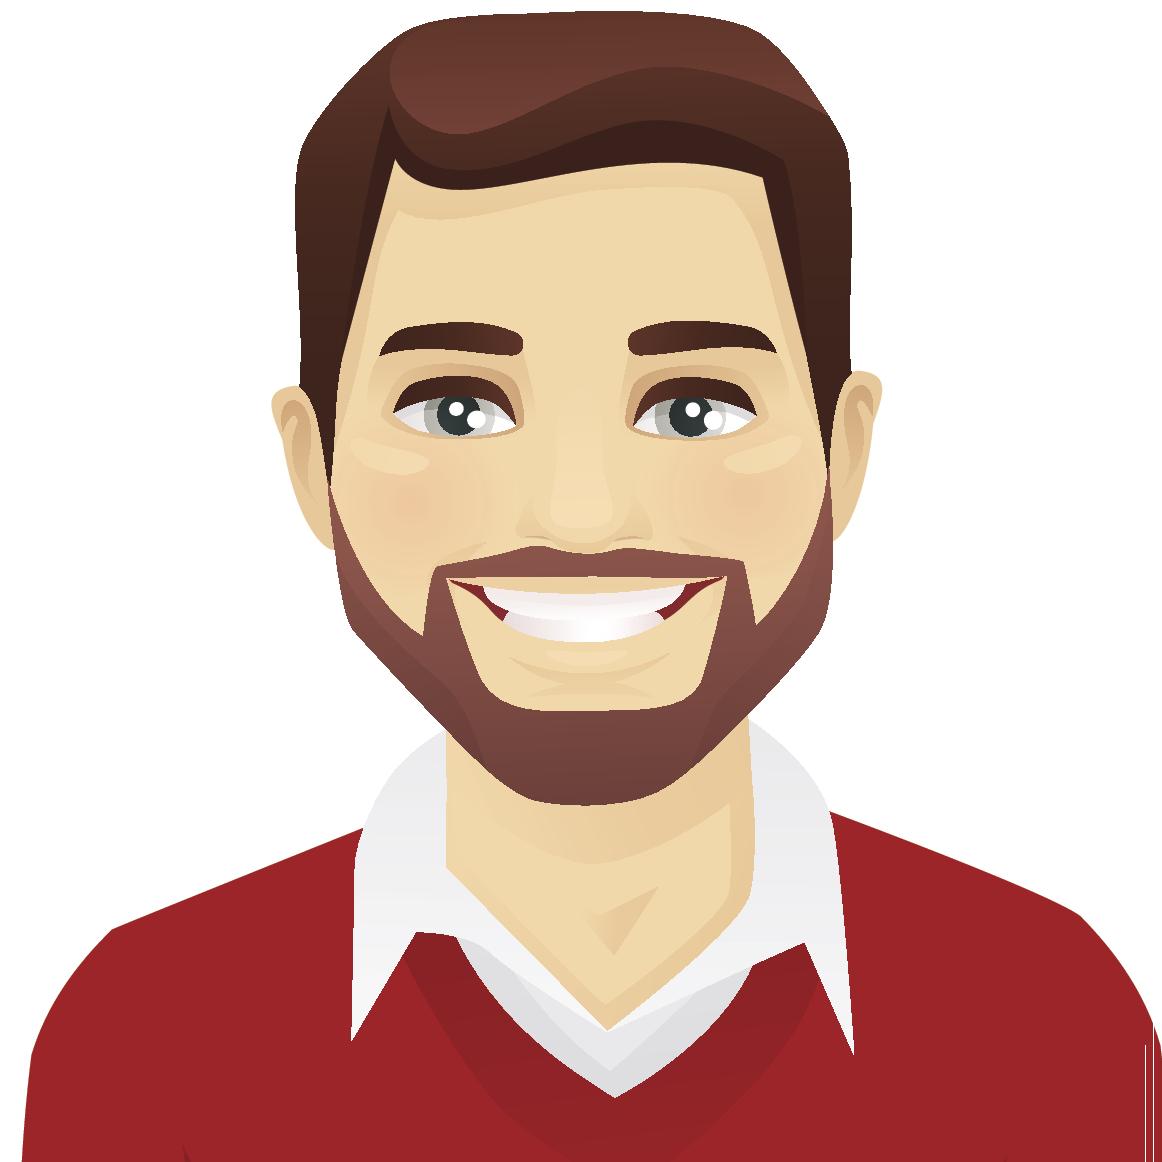 man_beard_full